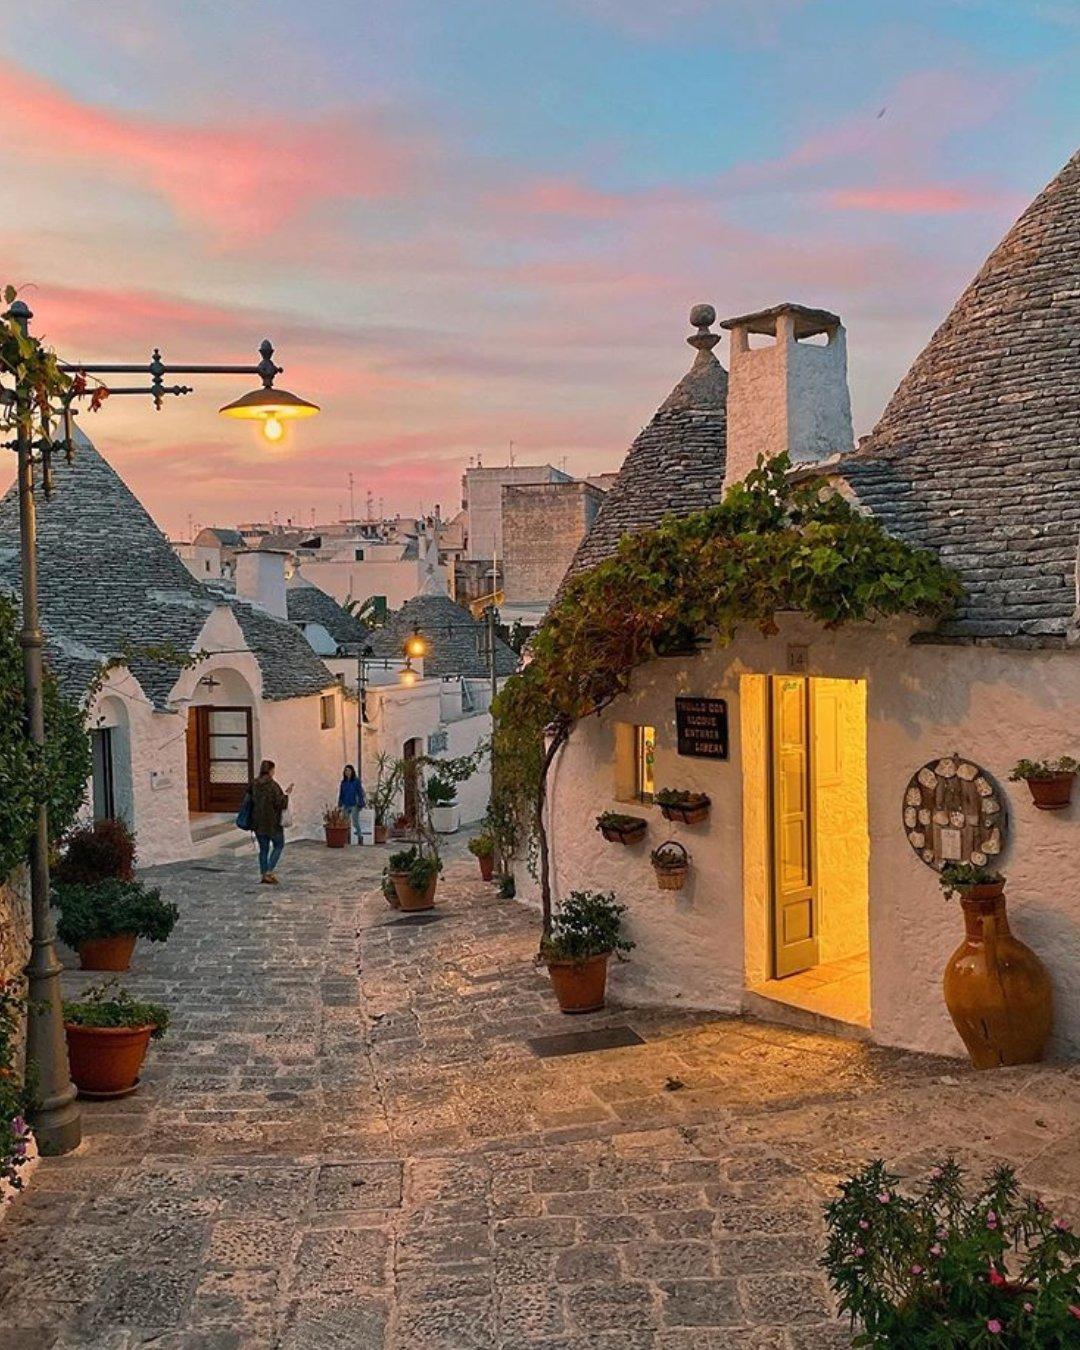 意大利蘑菇小镇Alberobello的黄昏